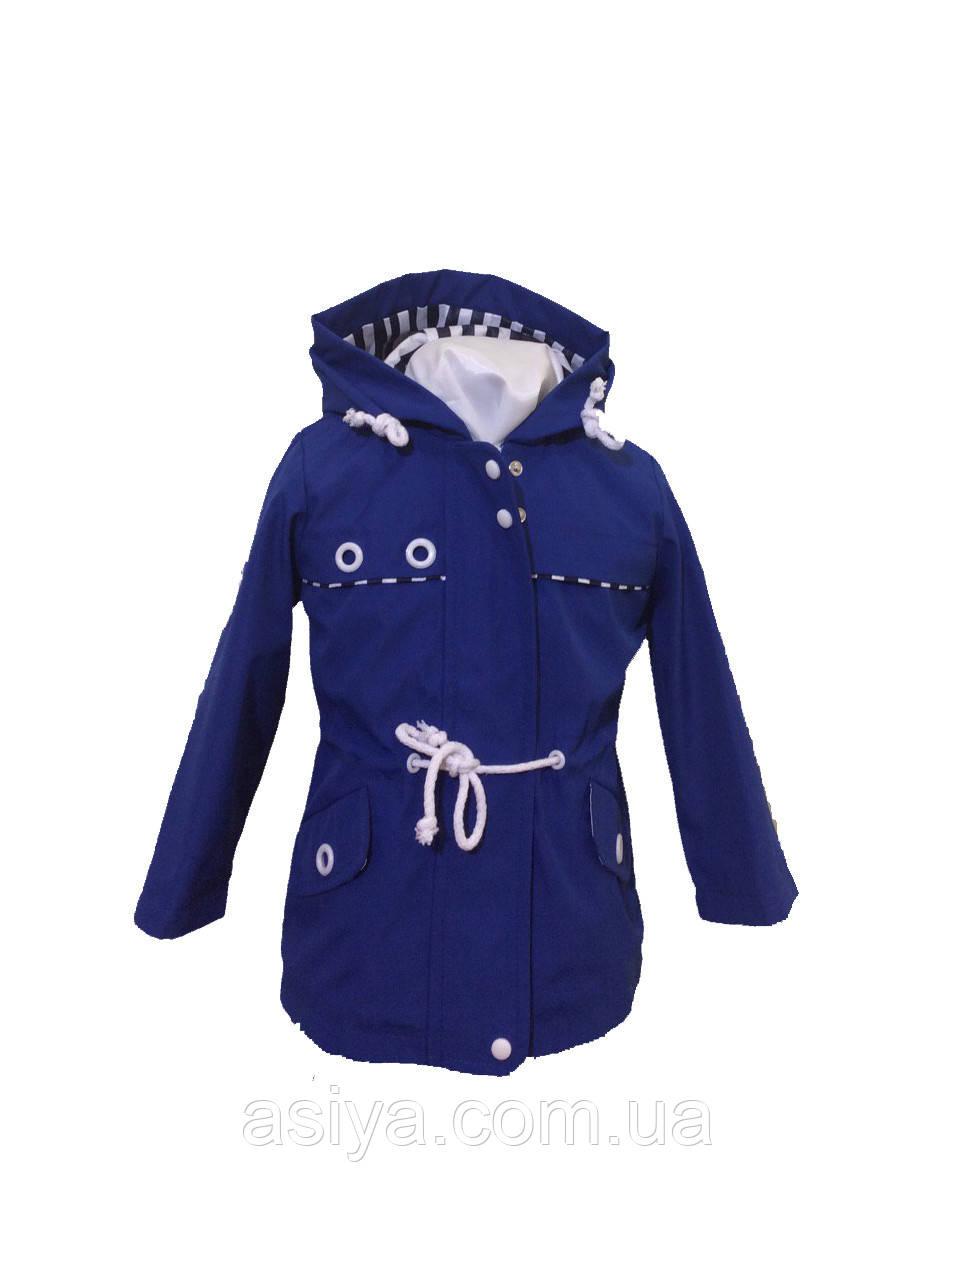 Куртка вітровка на фліс синього кольору